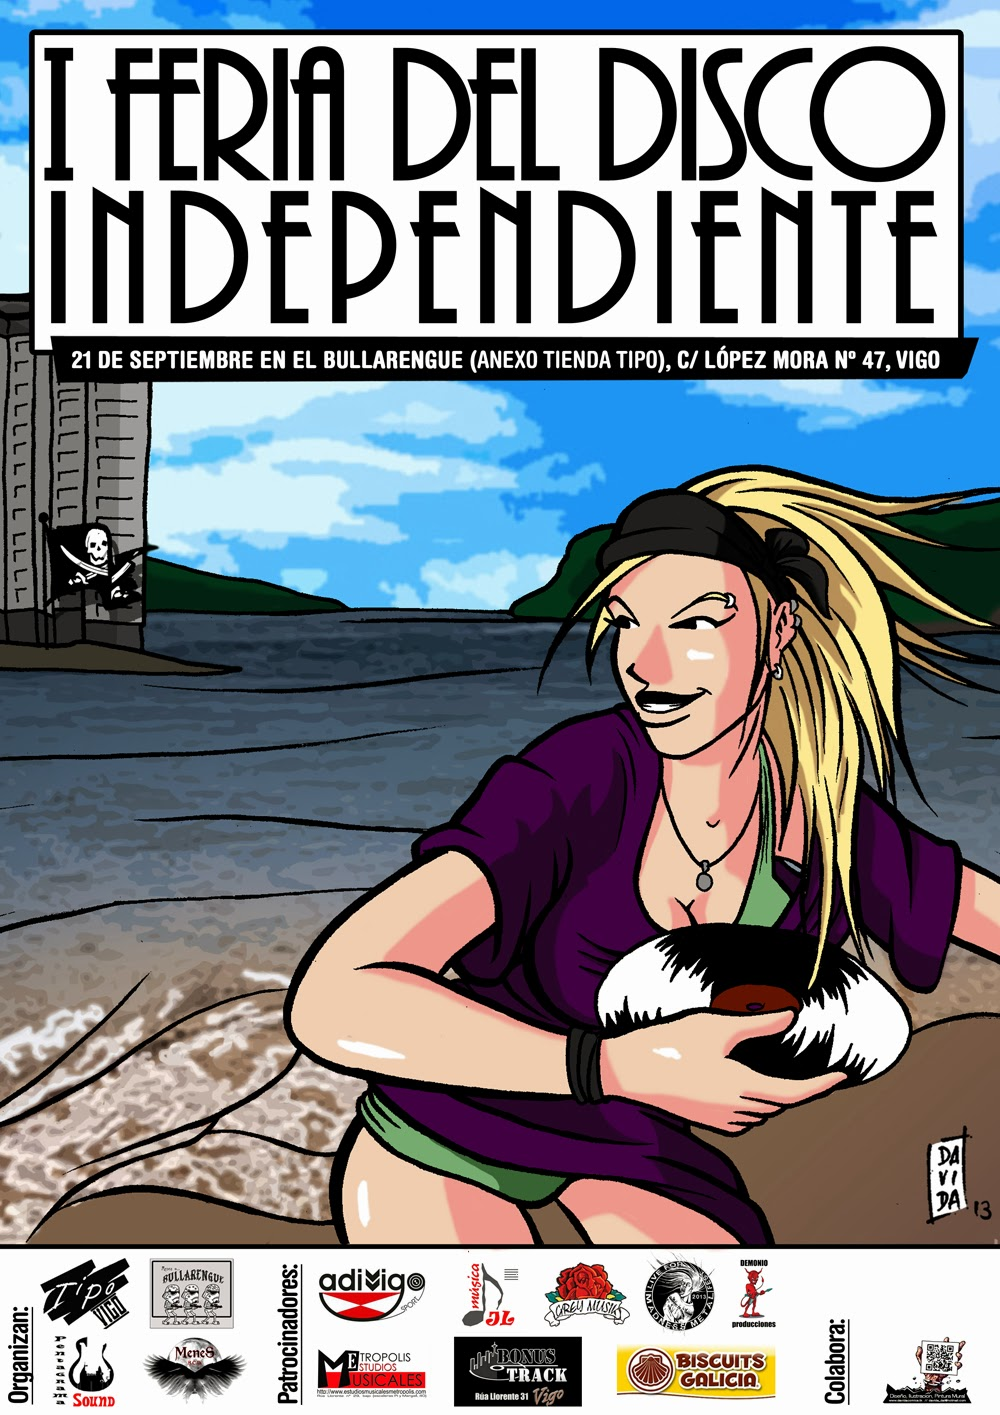 I Feria del Disco Independiente by Davida